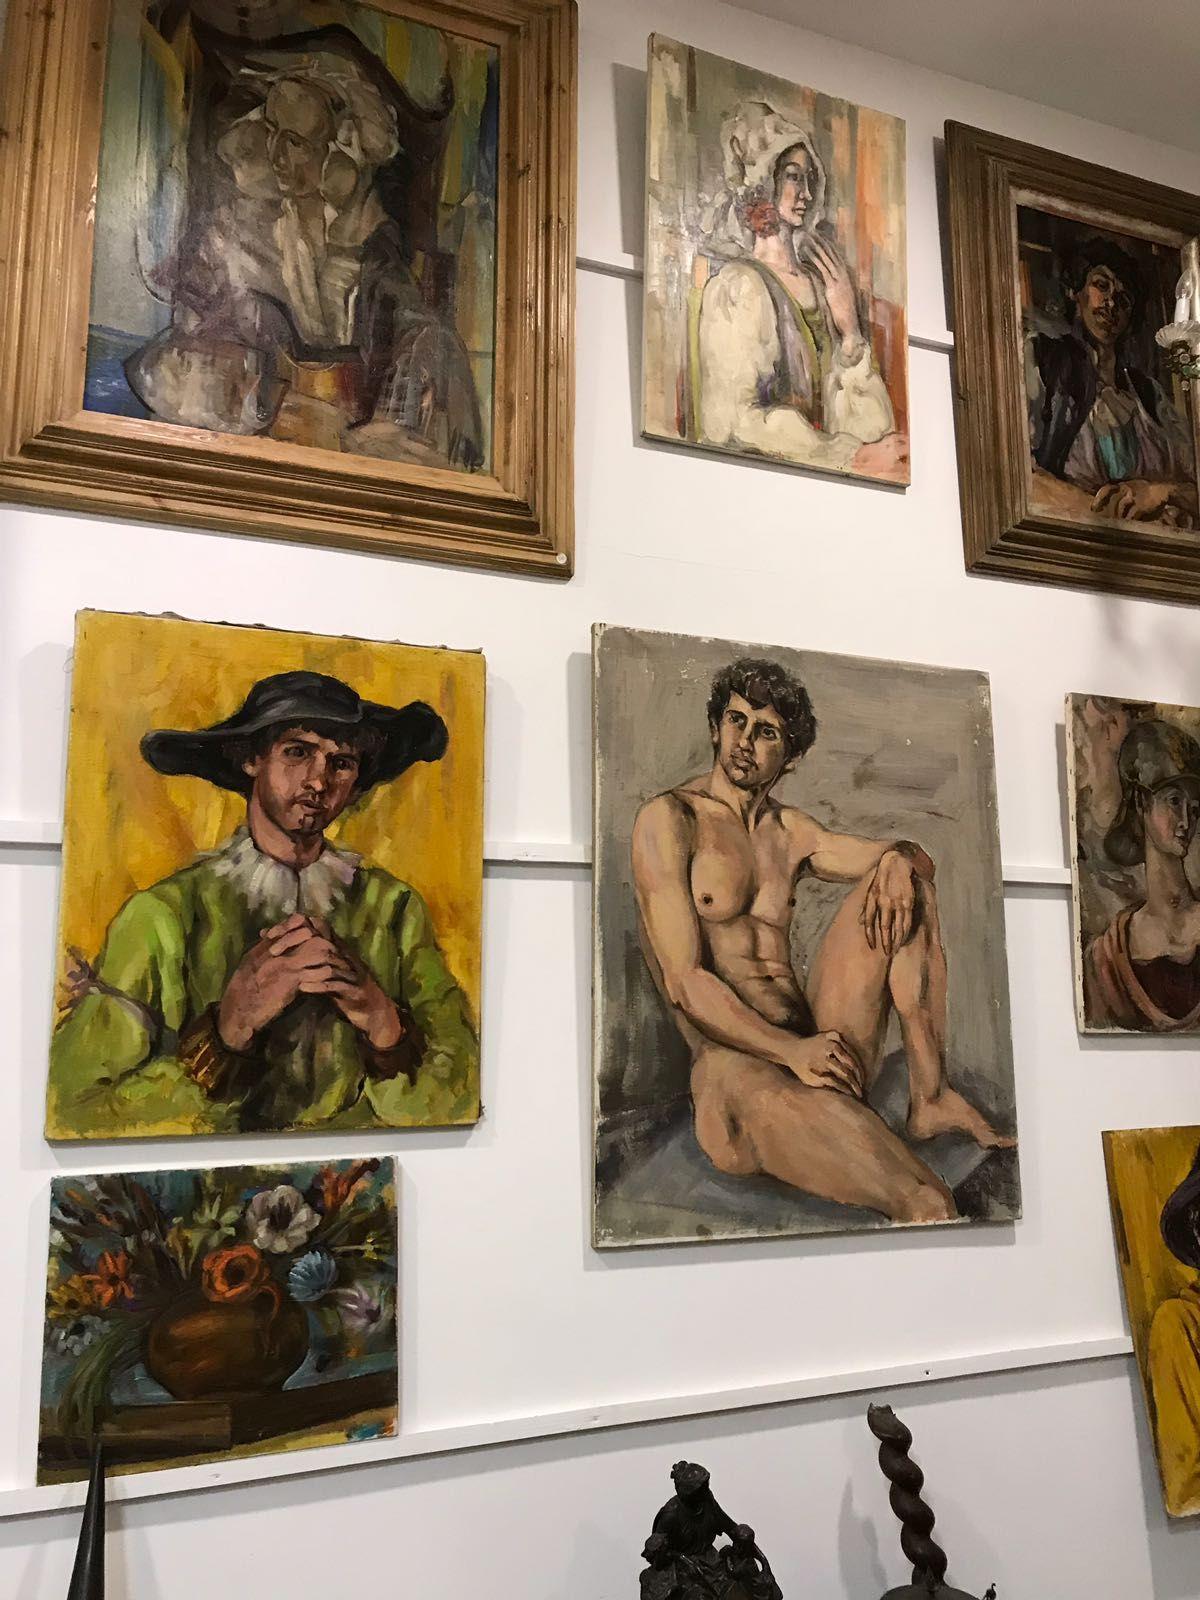 Foto 33 de Galerías de arte y salas de exposiciones en Cartagena | Arte & Antigüedades Federico Robles Perez